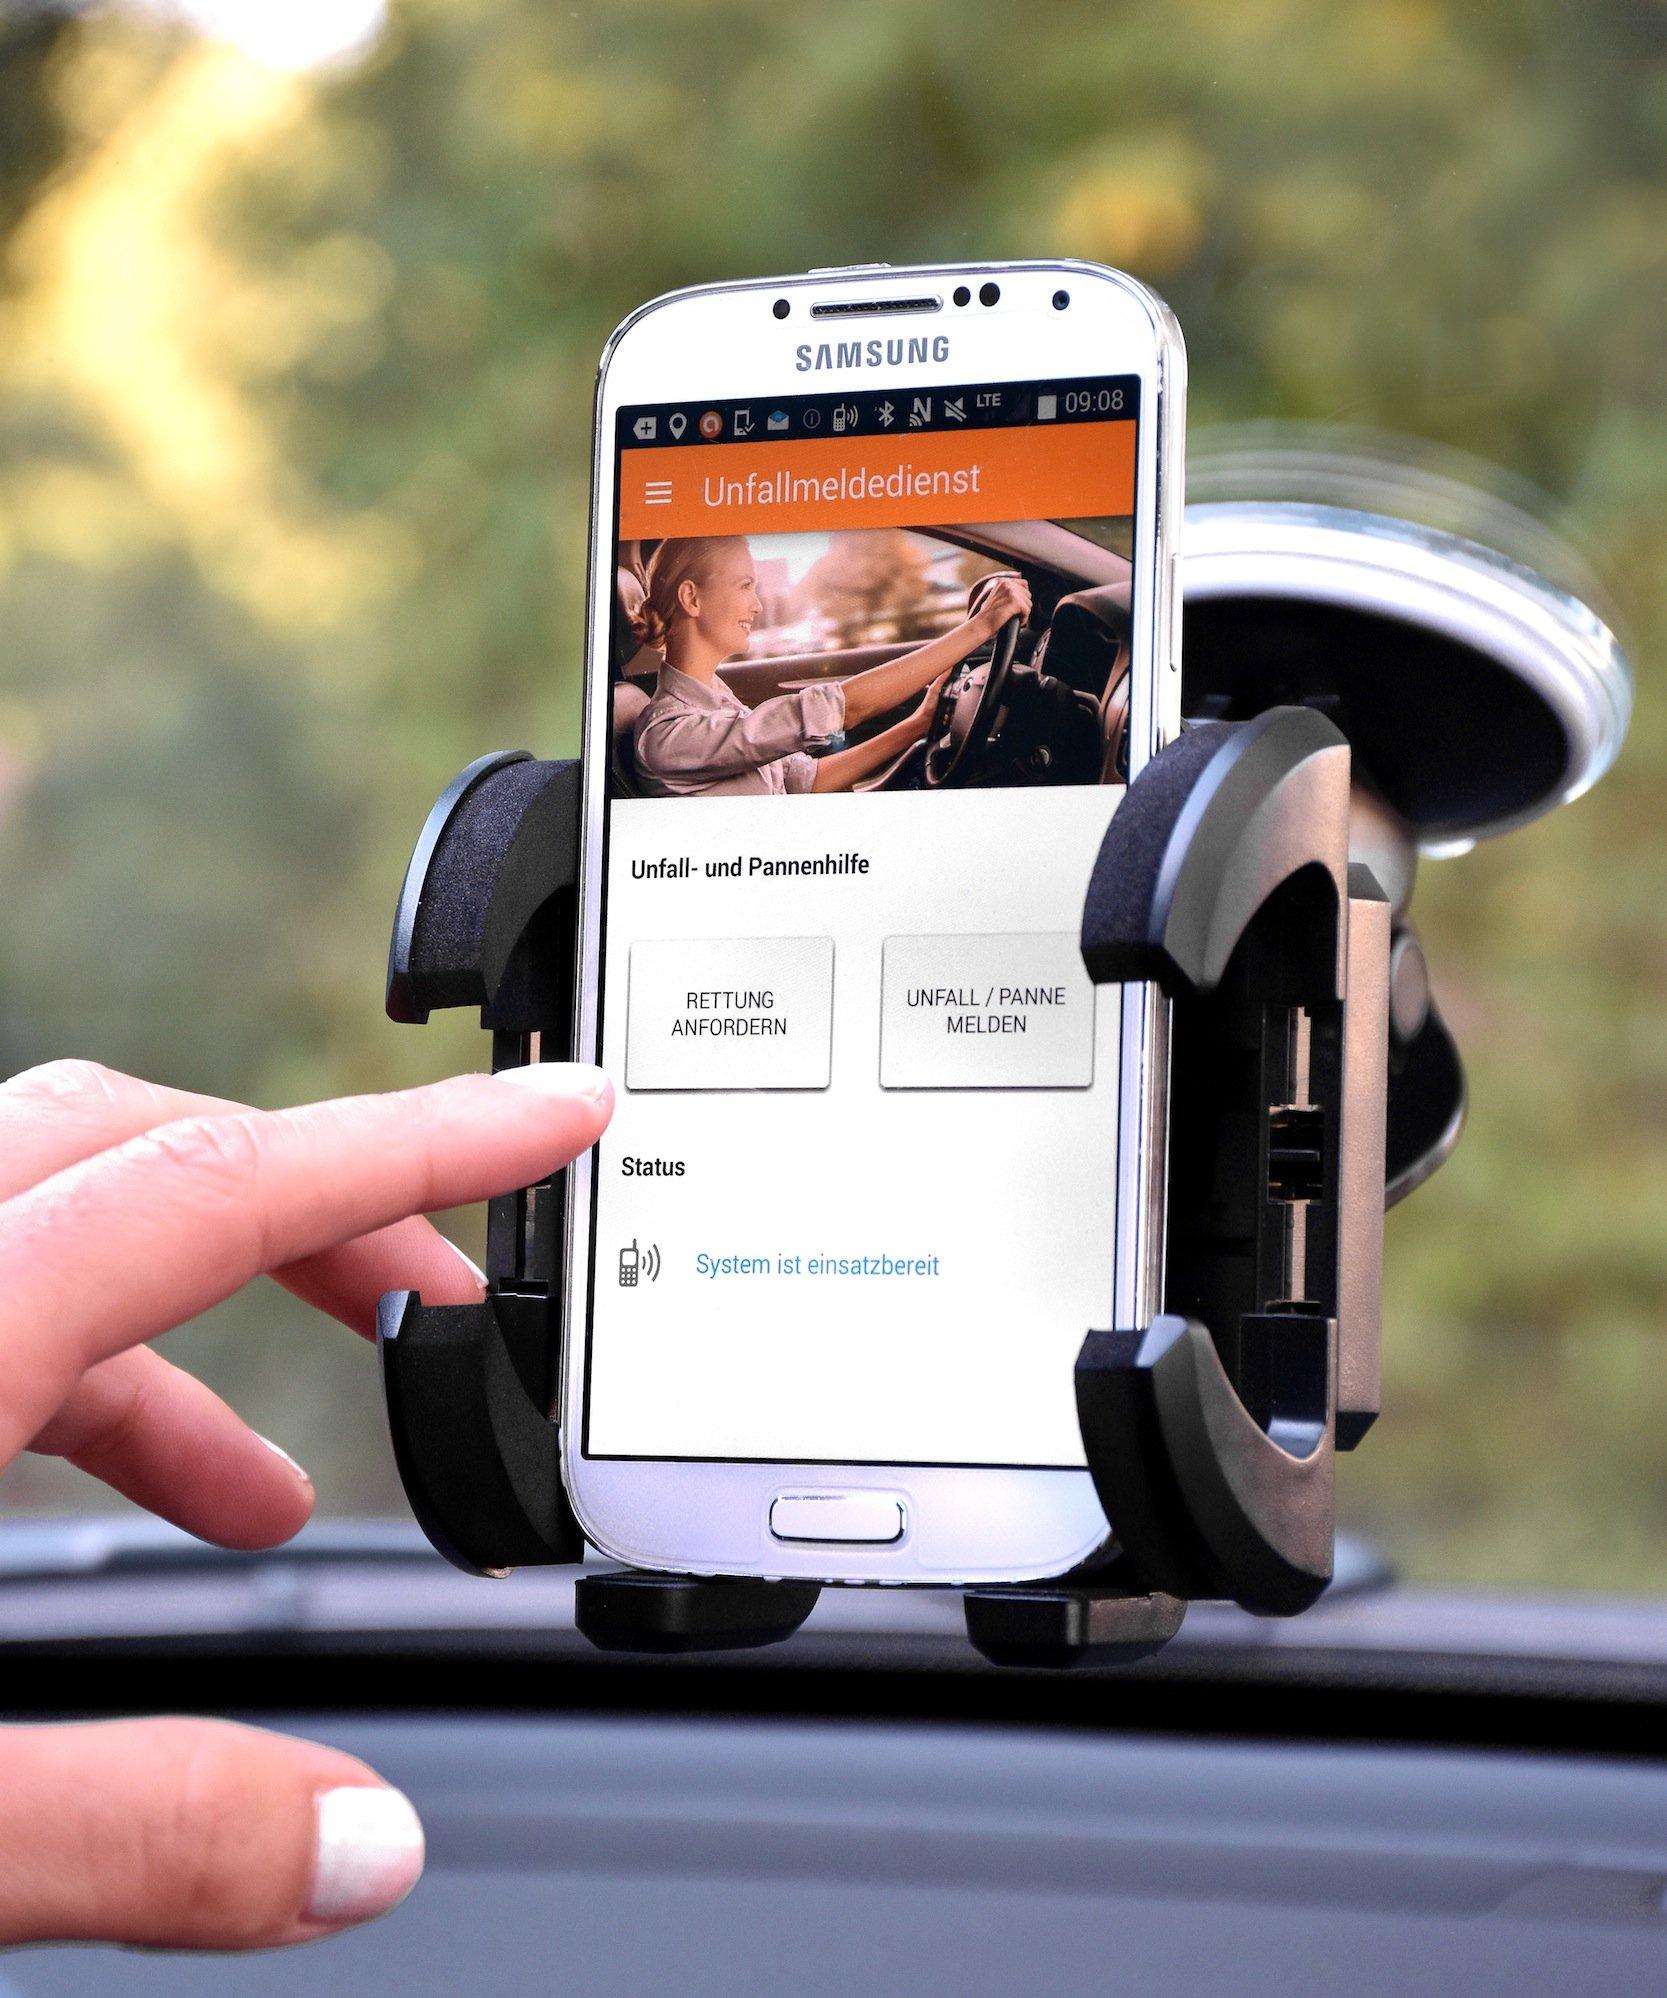 Über die Unfallmelde-App lässt sich auch eine Panne melden. Zudem werden alle wichtigen Daten bis hin zur genauen Position übermittelt. Das System wird im April 2016 eingeführt.